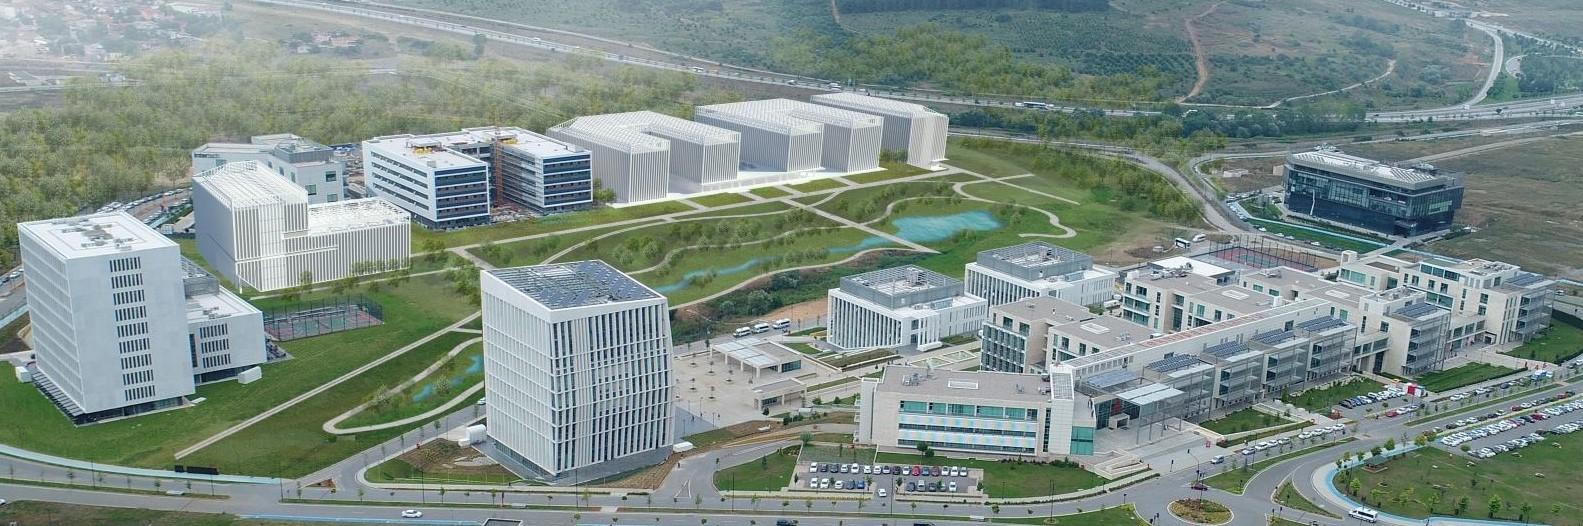 Teknopark İstanbul Türkiye'nin ilk Siber Güvenlik Kuluçka Merkezi'ni kurmaya hazırlanıyor